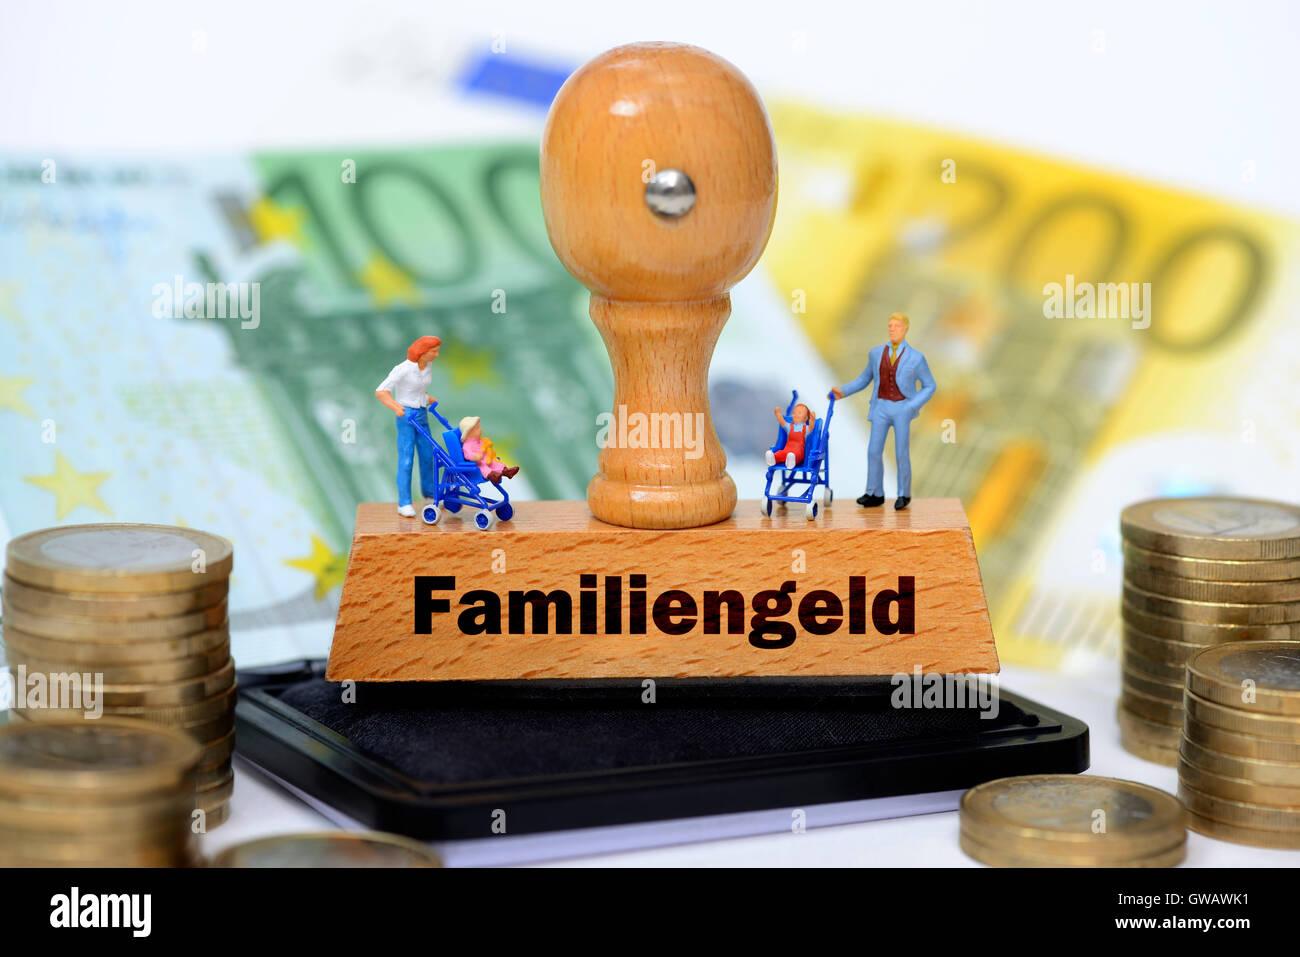 Miniature figures on a stamp with the label family money, Miniaturfiguren auf einem Stempel mit der Aufschrift Familiengeld - Stock Image